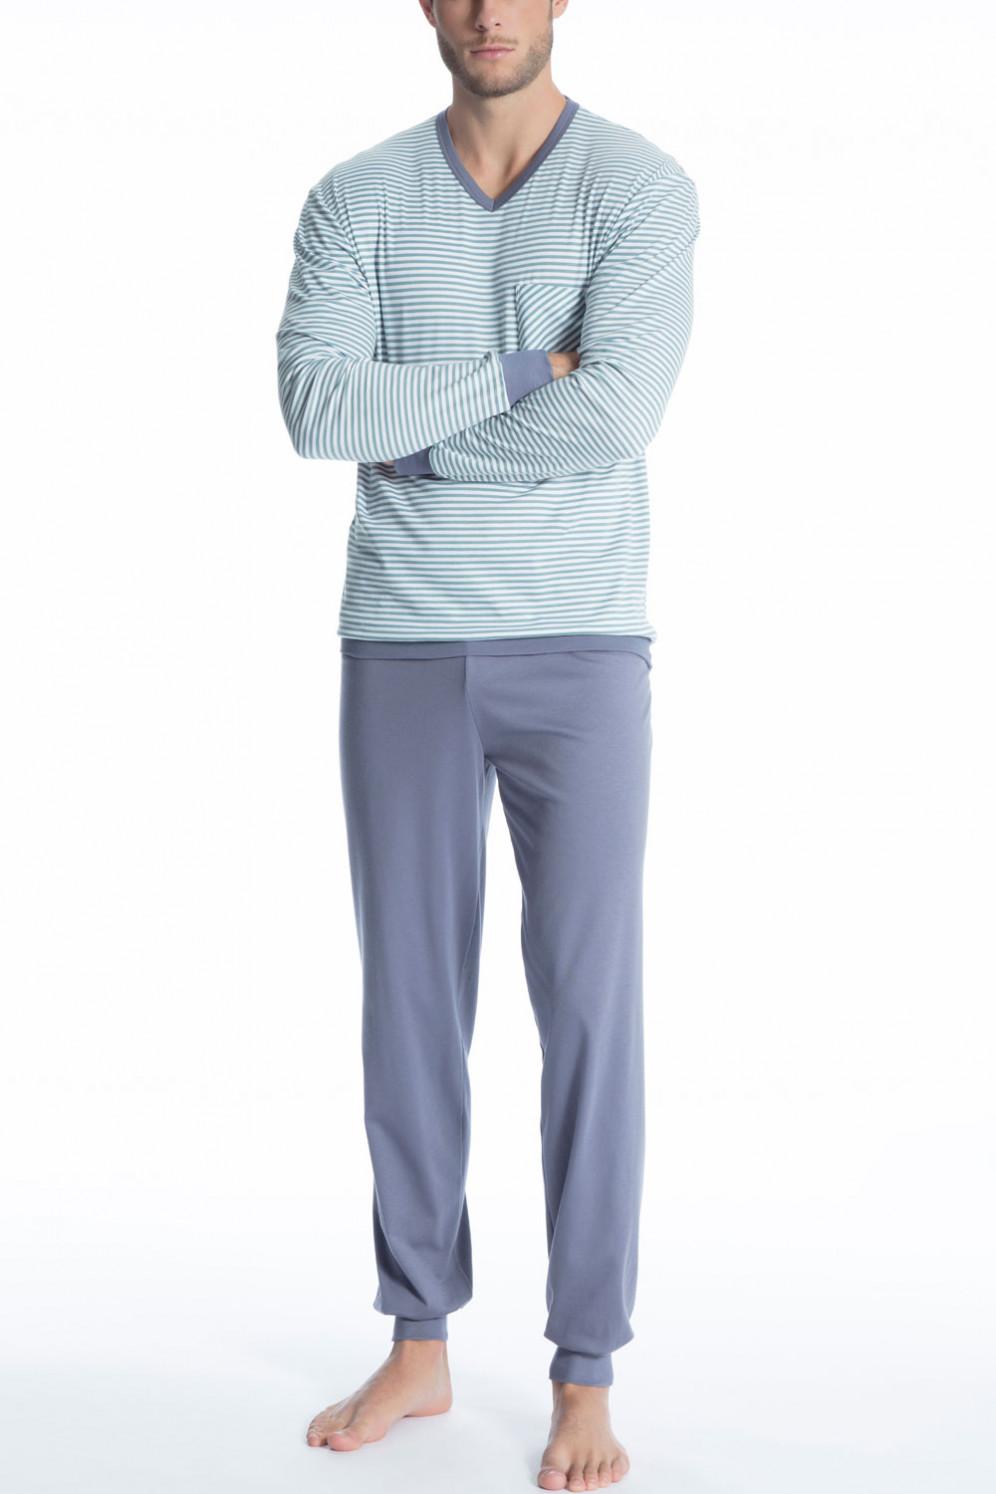 23f152a80c Vergrößern Abbildung zu Pyjama mit Bündchen Relax Streamline 2 (41567) der  Marke Calida aus der ...